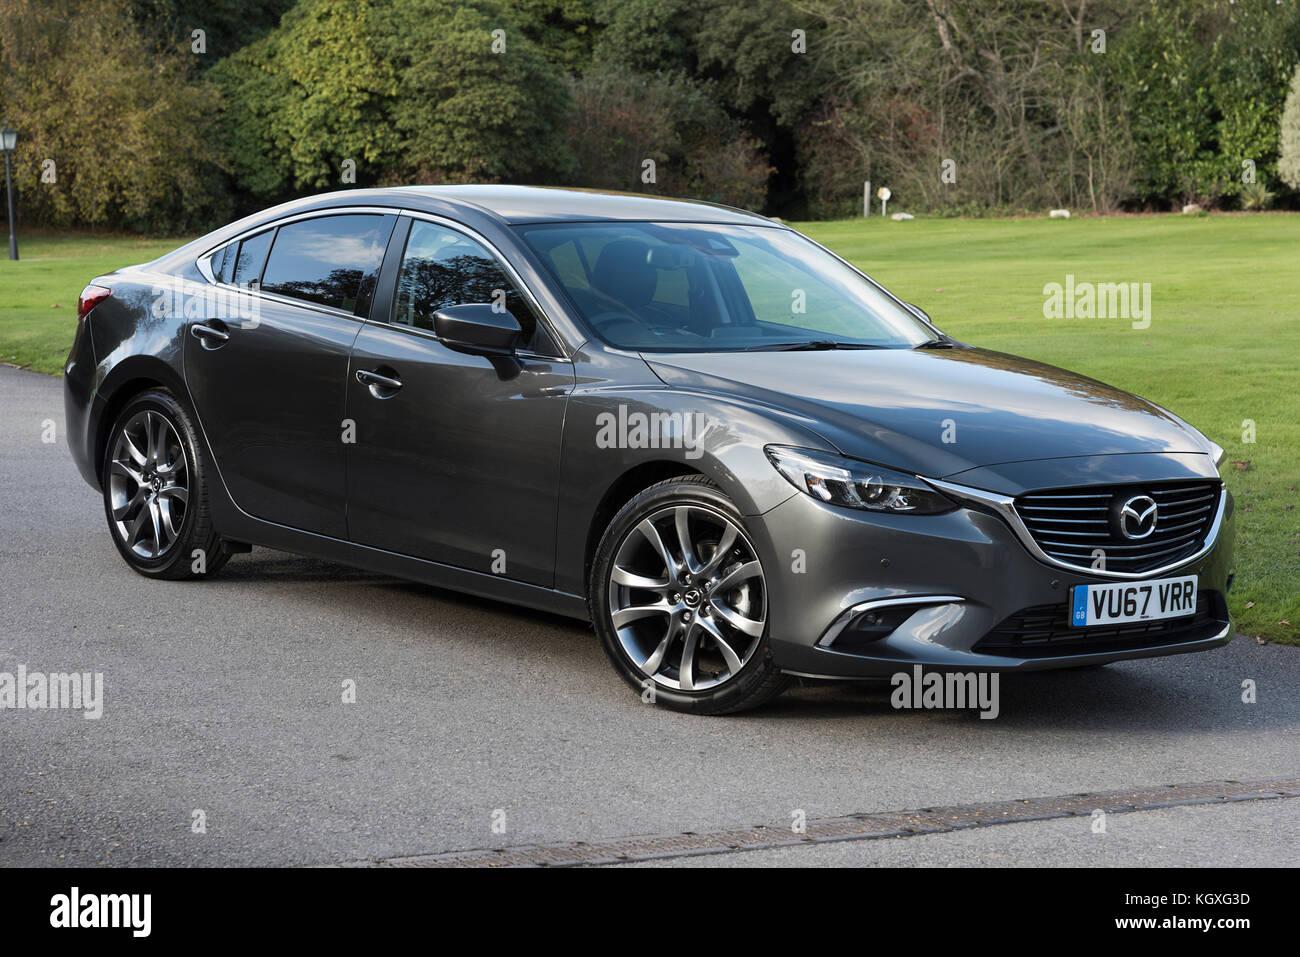 Kelebihan Kekurangan Mazda 6 2017 Top Model Tahun Ini